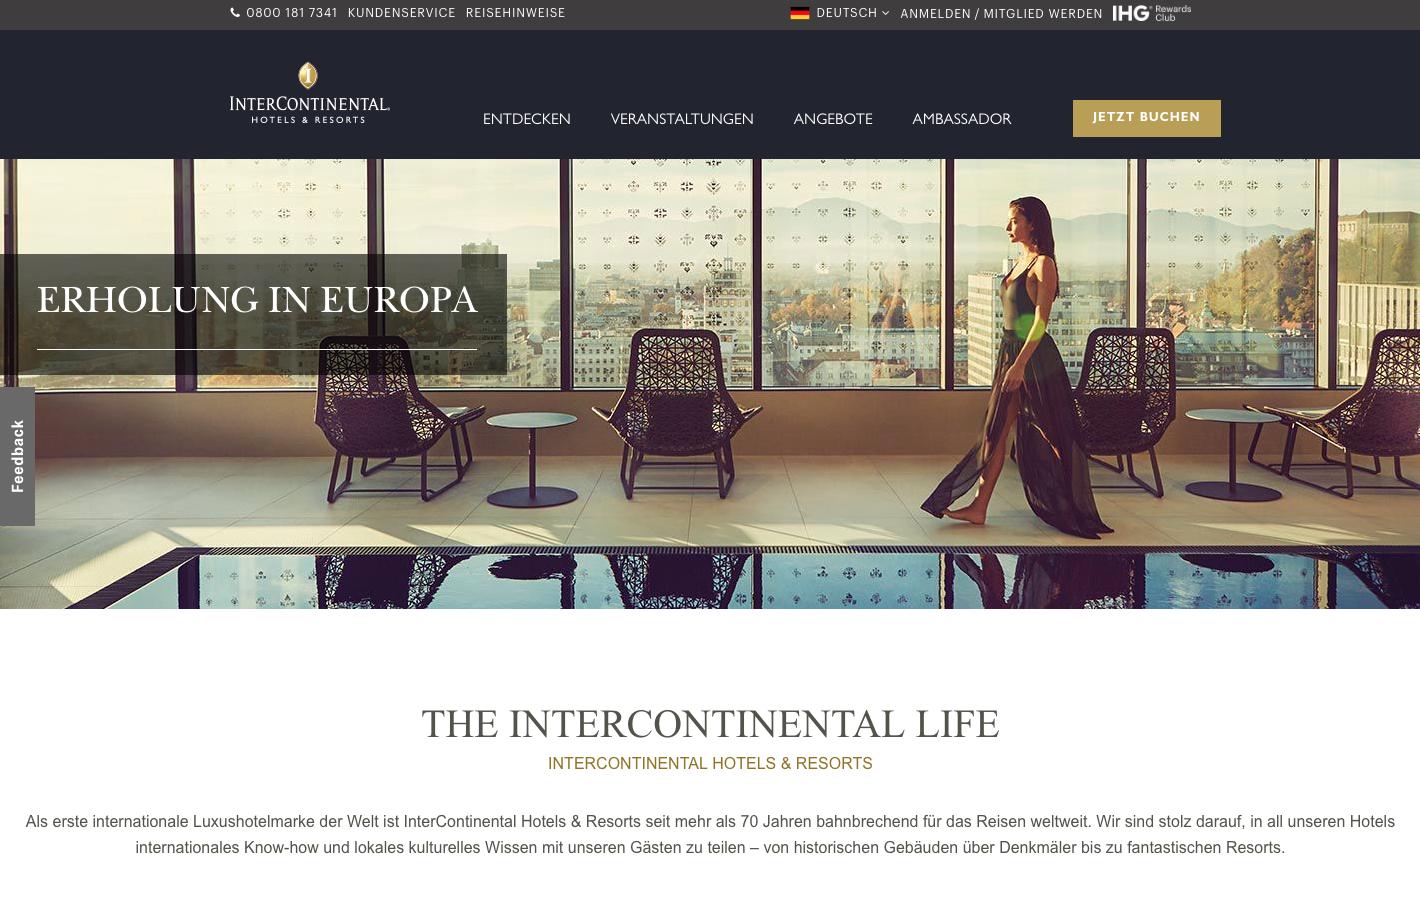 InterContinental Hotels & Resorts Gutschein